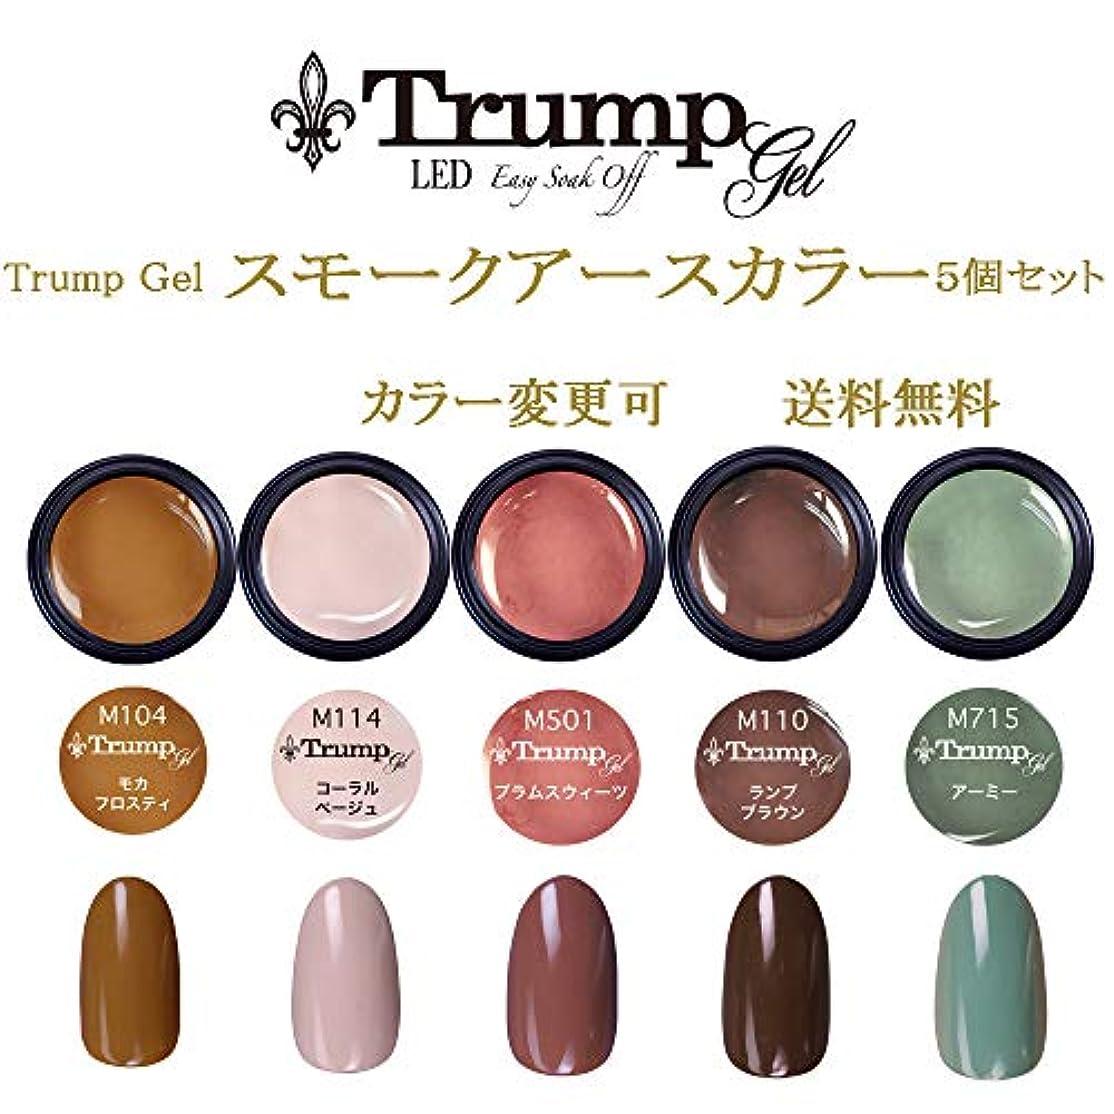 【送料無料】日本製 Trump gel トランプジェル スモークアース 選べる カラージェル 5個セット スモーキー アースカラー ベージュ ブラウン マスタード カーキ カラー